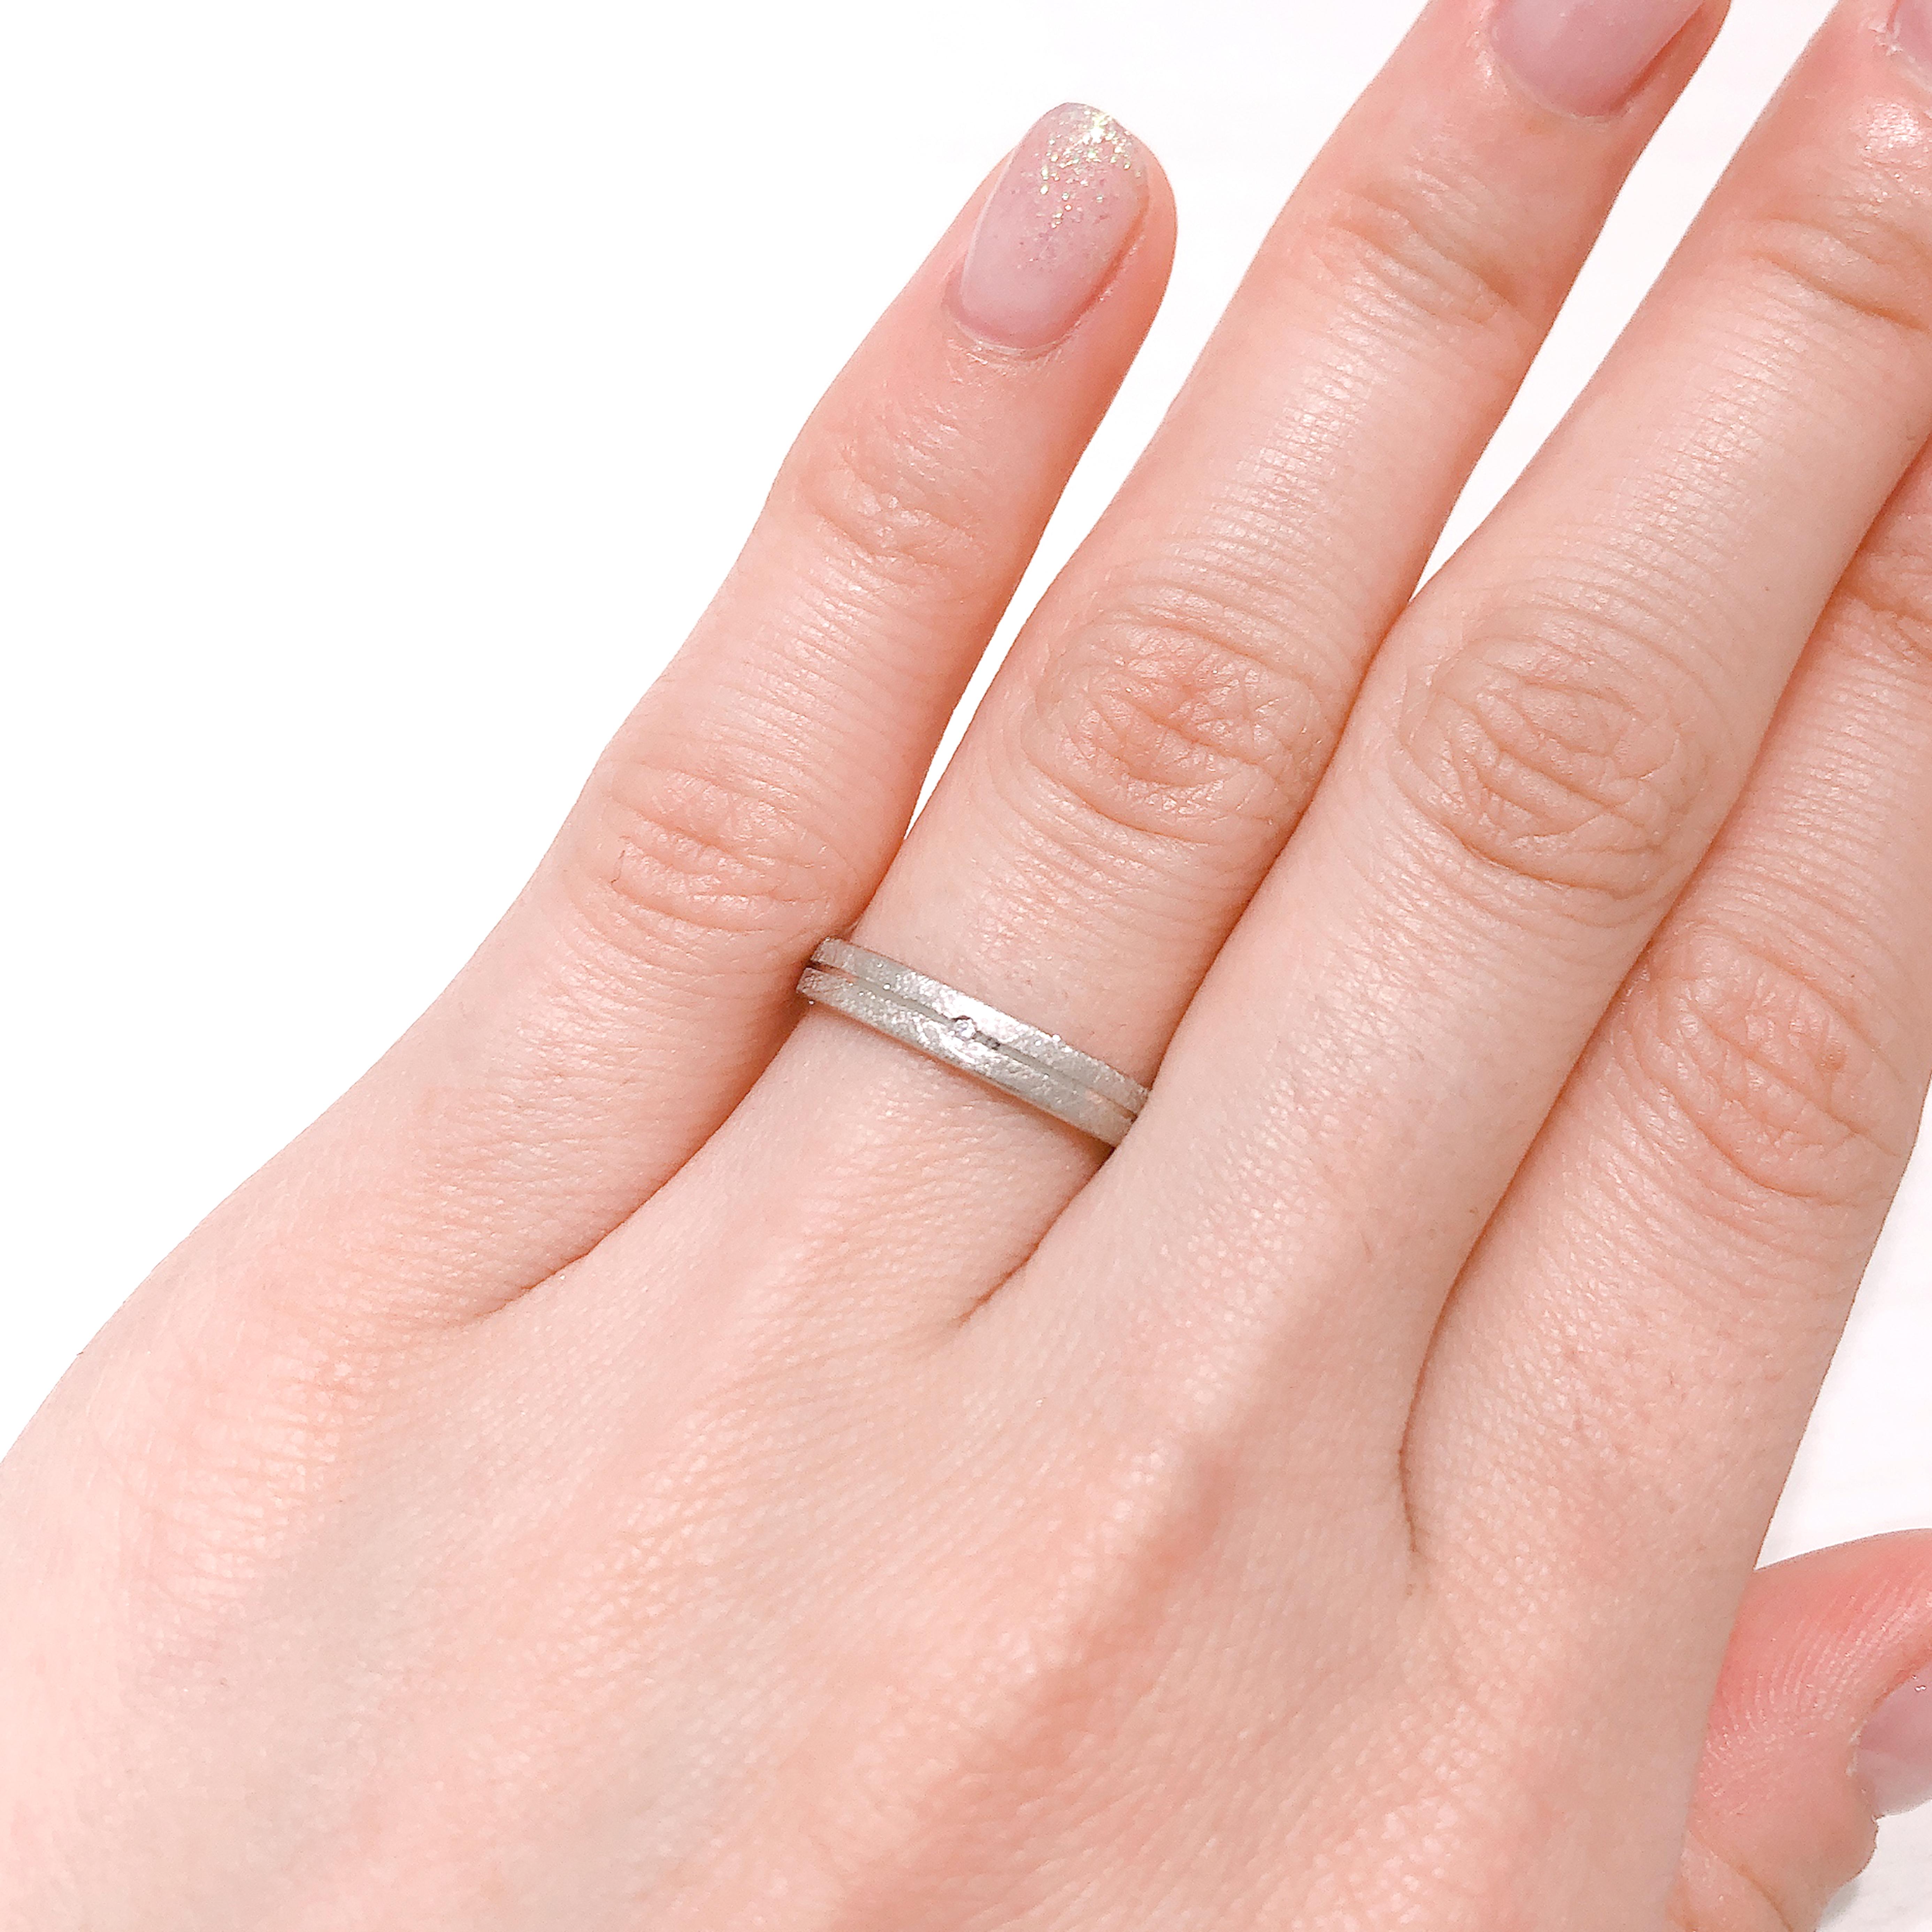 平打ちタイプのおしゃれなデザインの結婚指輪。和紙のような質感のつや消し加工の光沢が洗練された雰囲気に。着け心地が良く、飽きのこないシンプルなデザインが人気です。